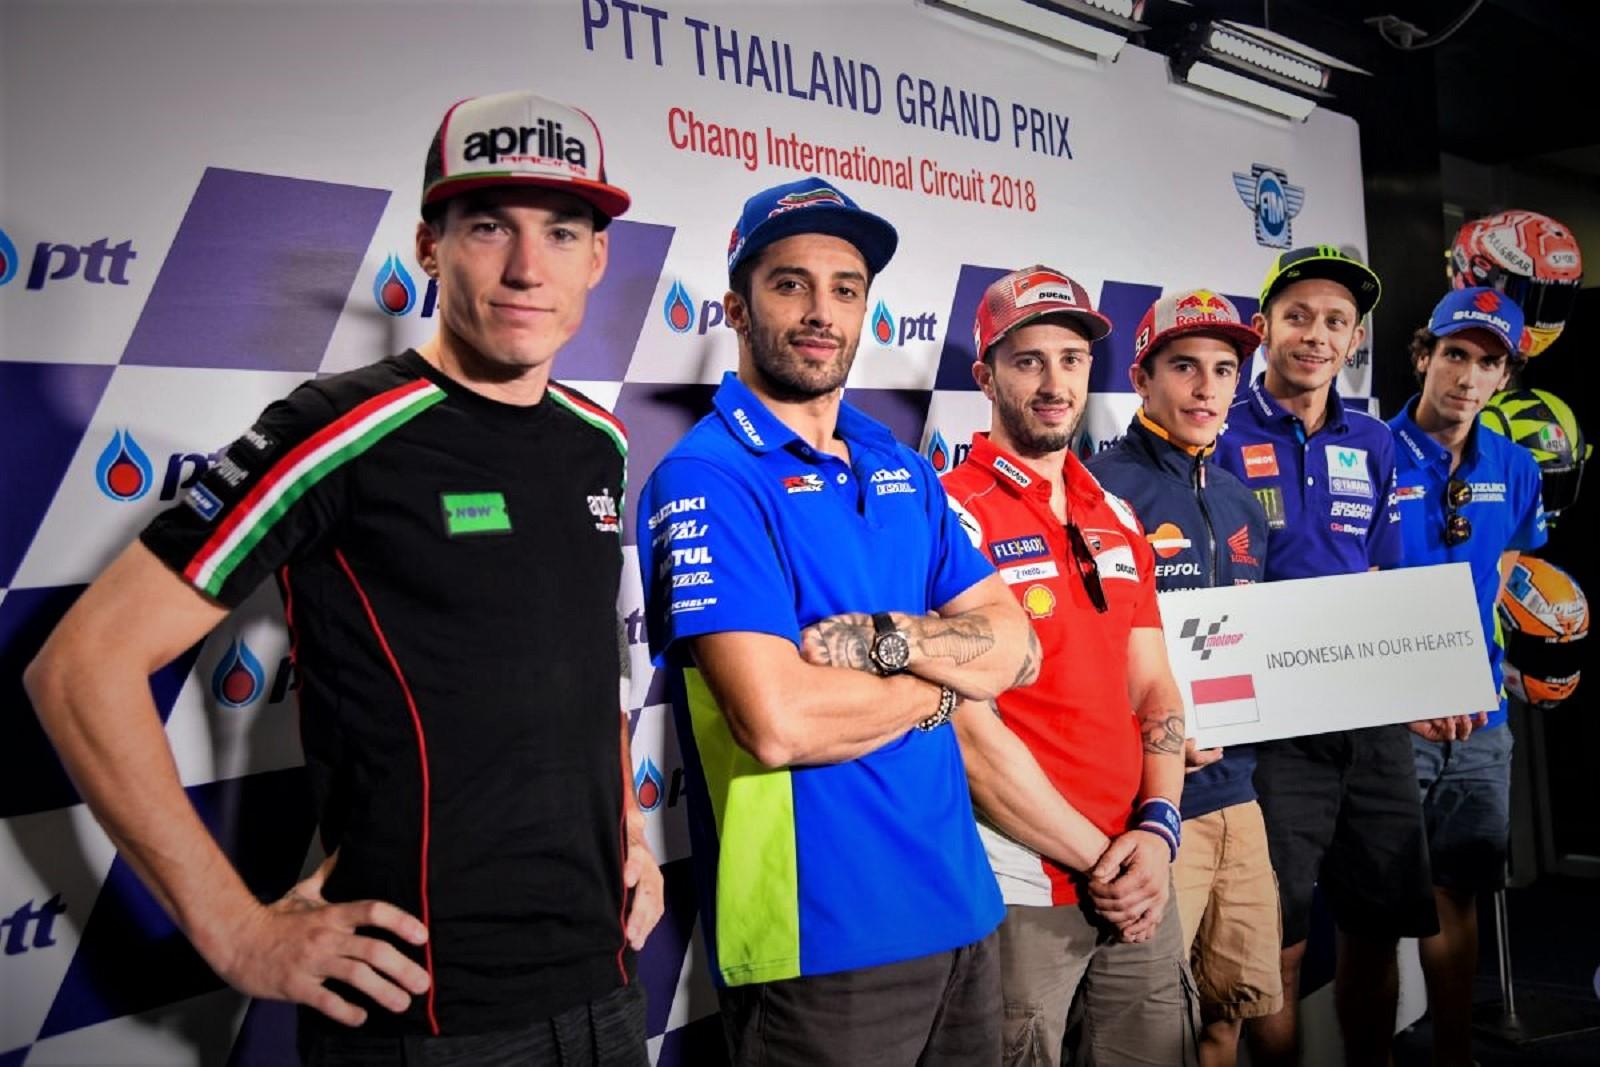 Dari Thailand, Pembalap MotoGP: Indonesia in Our Hearts